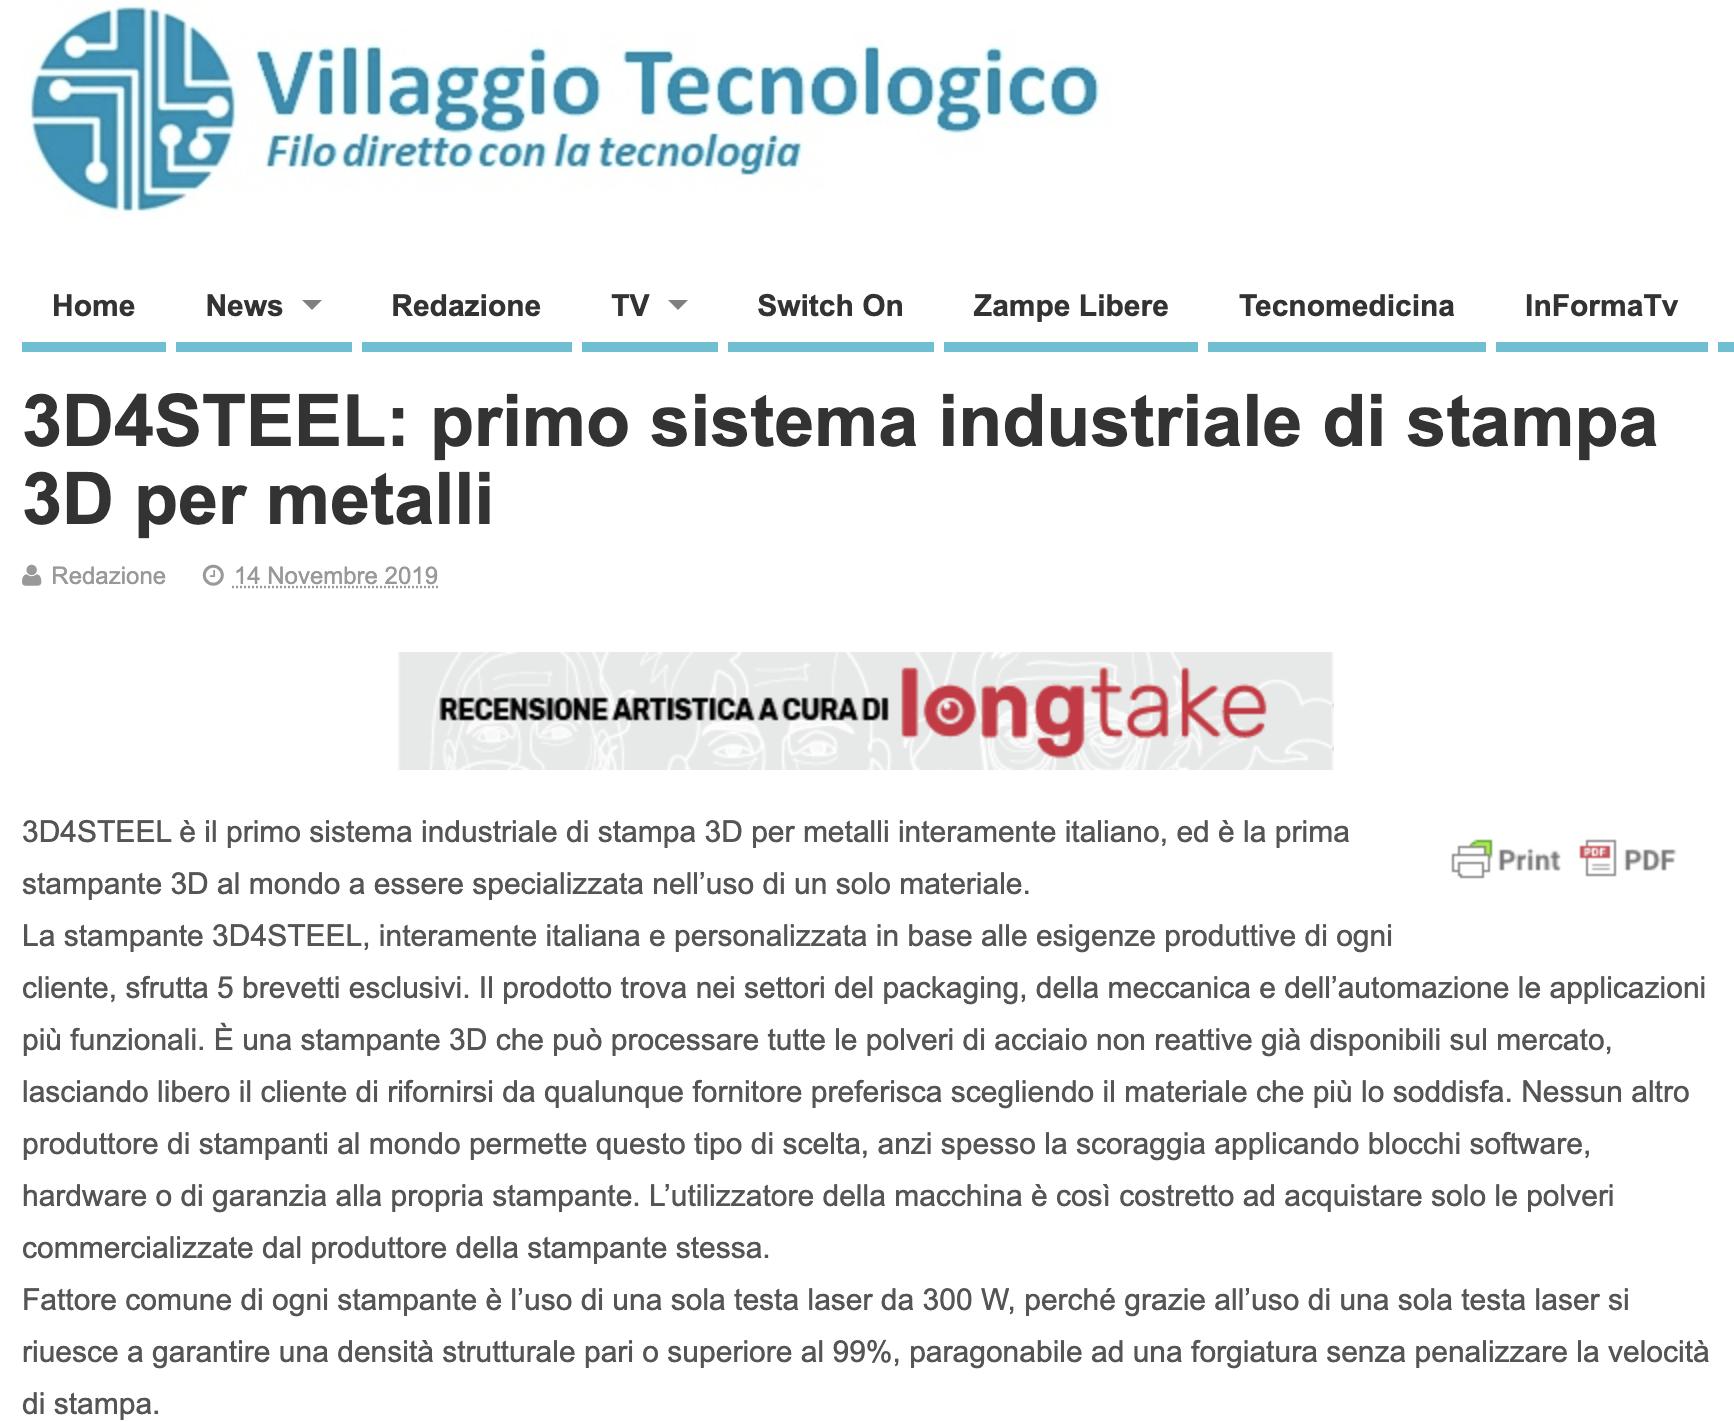 [Villaggio Tecnologico] 3D4STEEL: primo sistema industriale di stampa 3D per metalli